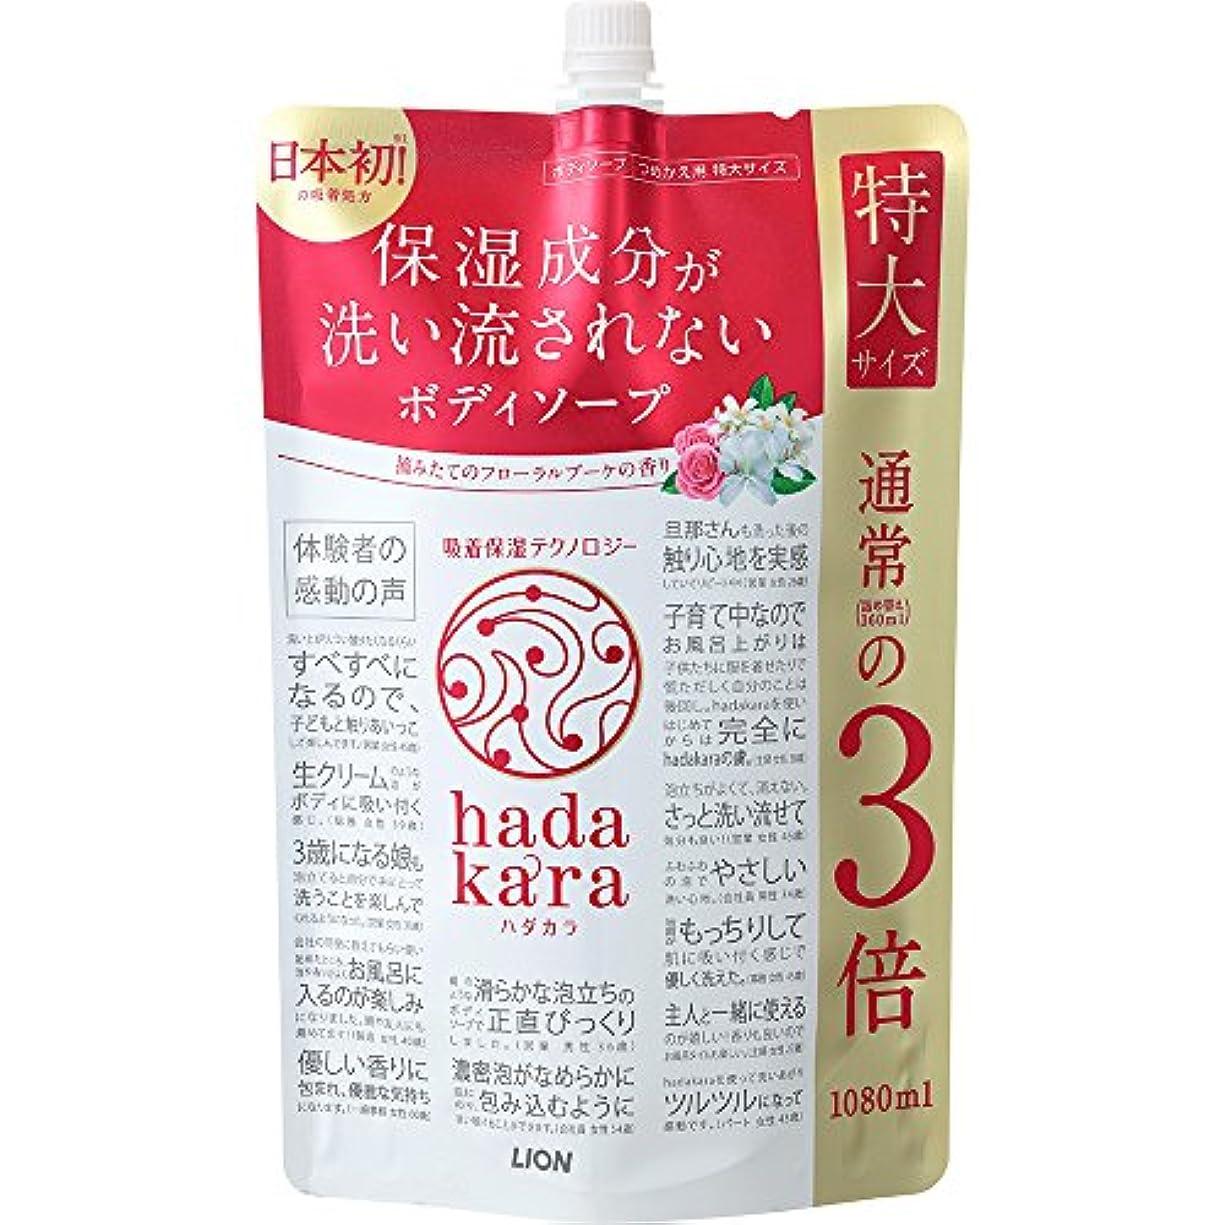 リクルート振る発見する【大容量】hadakara(ハダカラ) ボディソープ フローラルブーケの香り 詰め替え 特大 1080ml